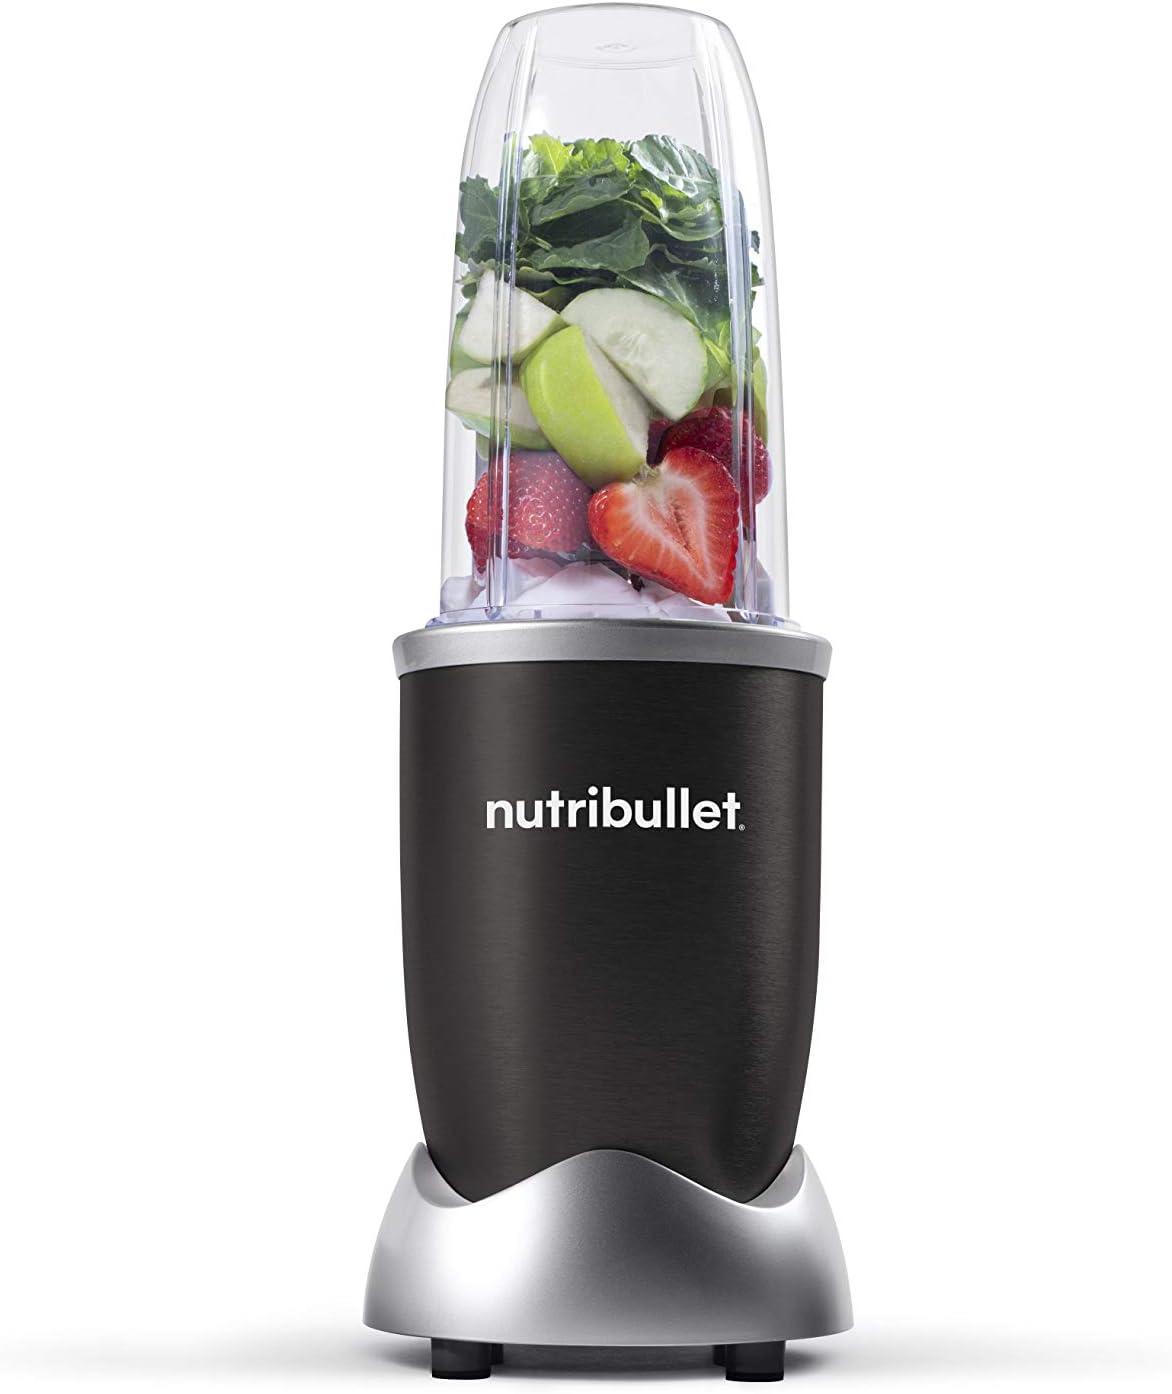 Best Blender for Juicing Fruits & Vegetables